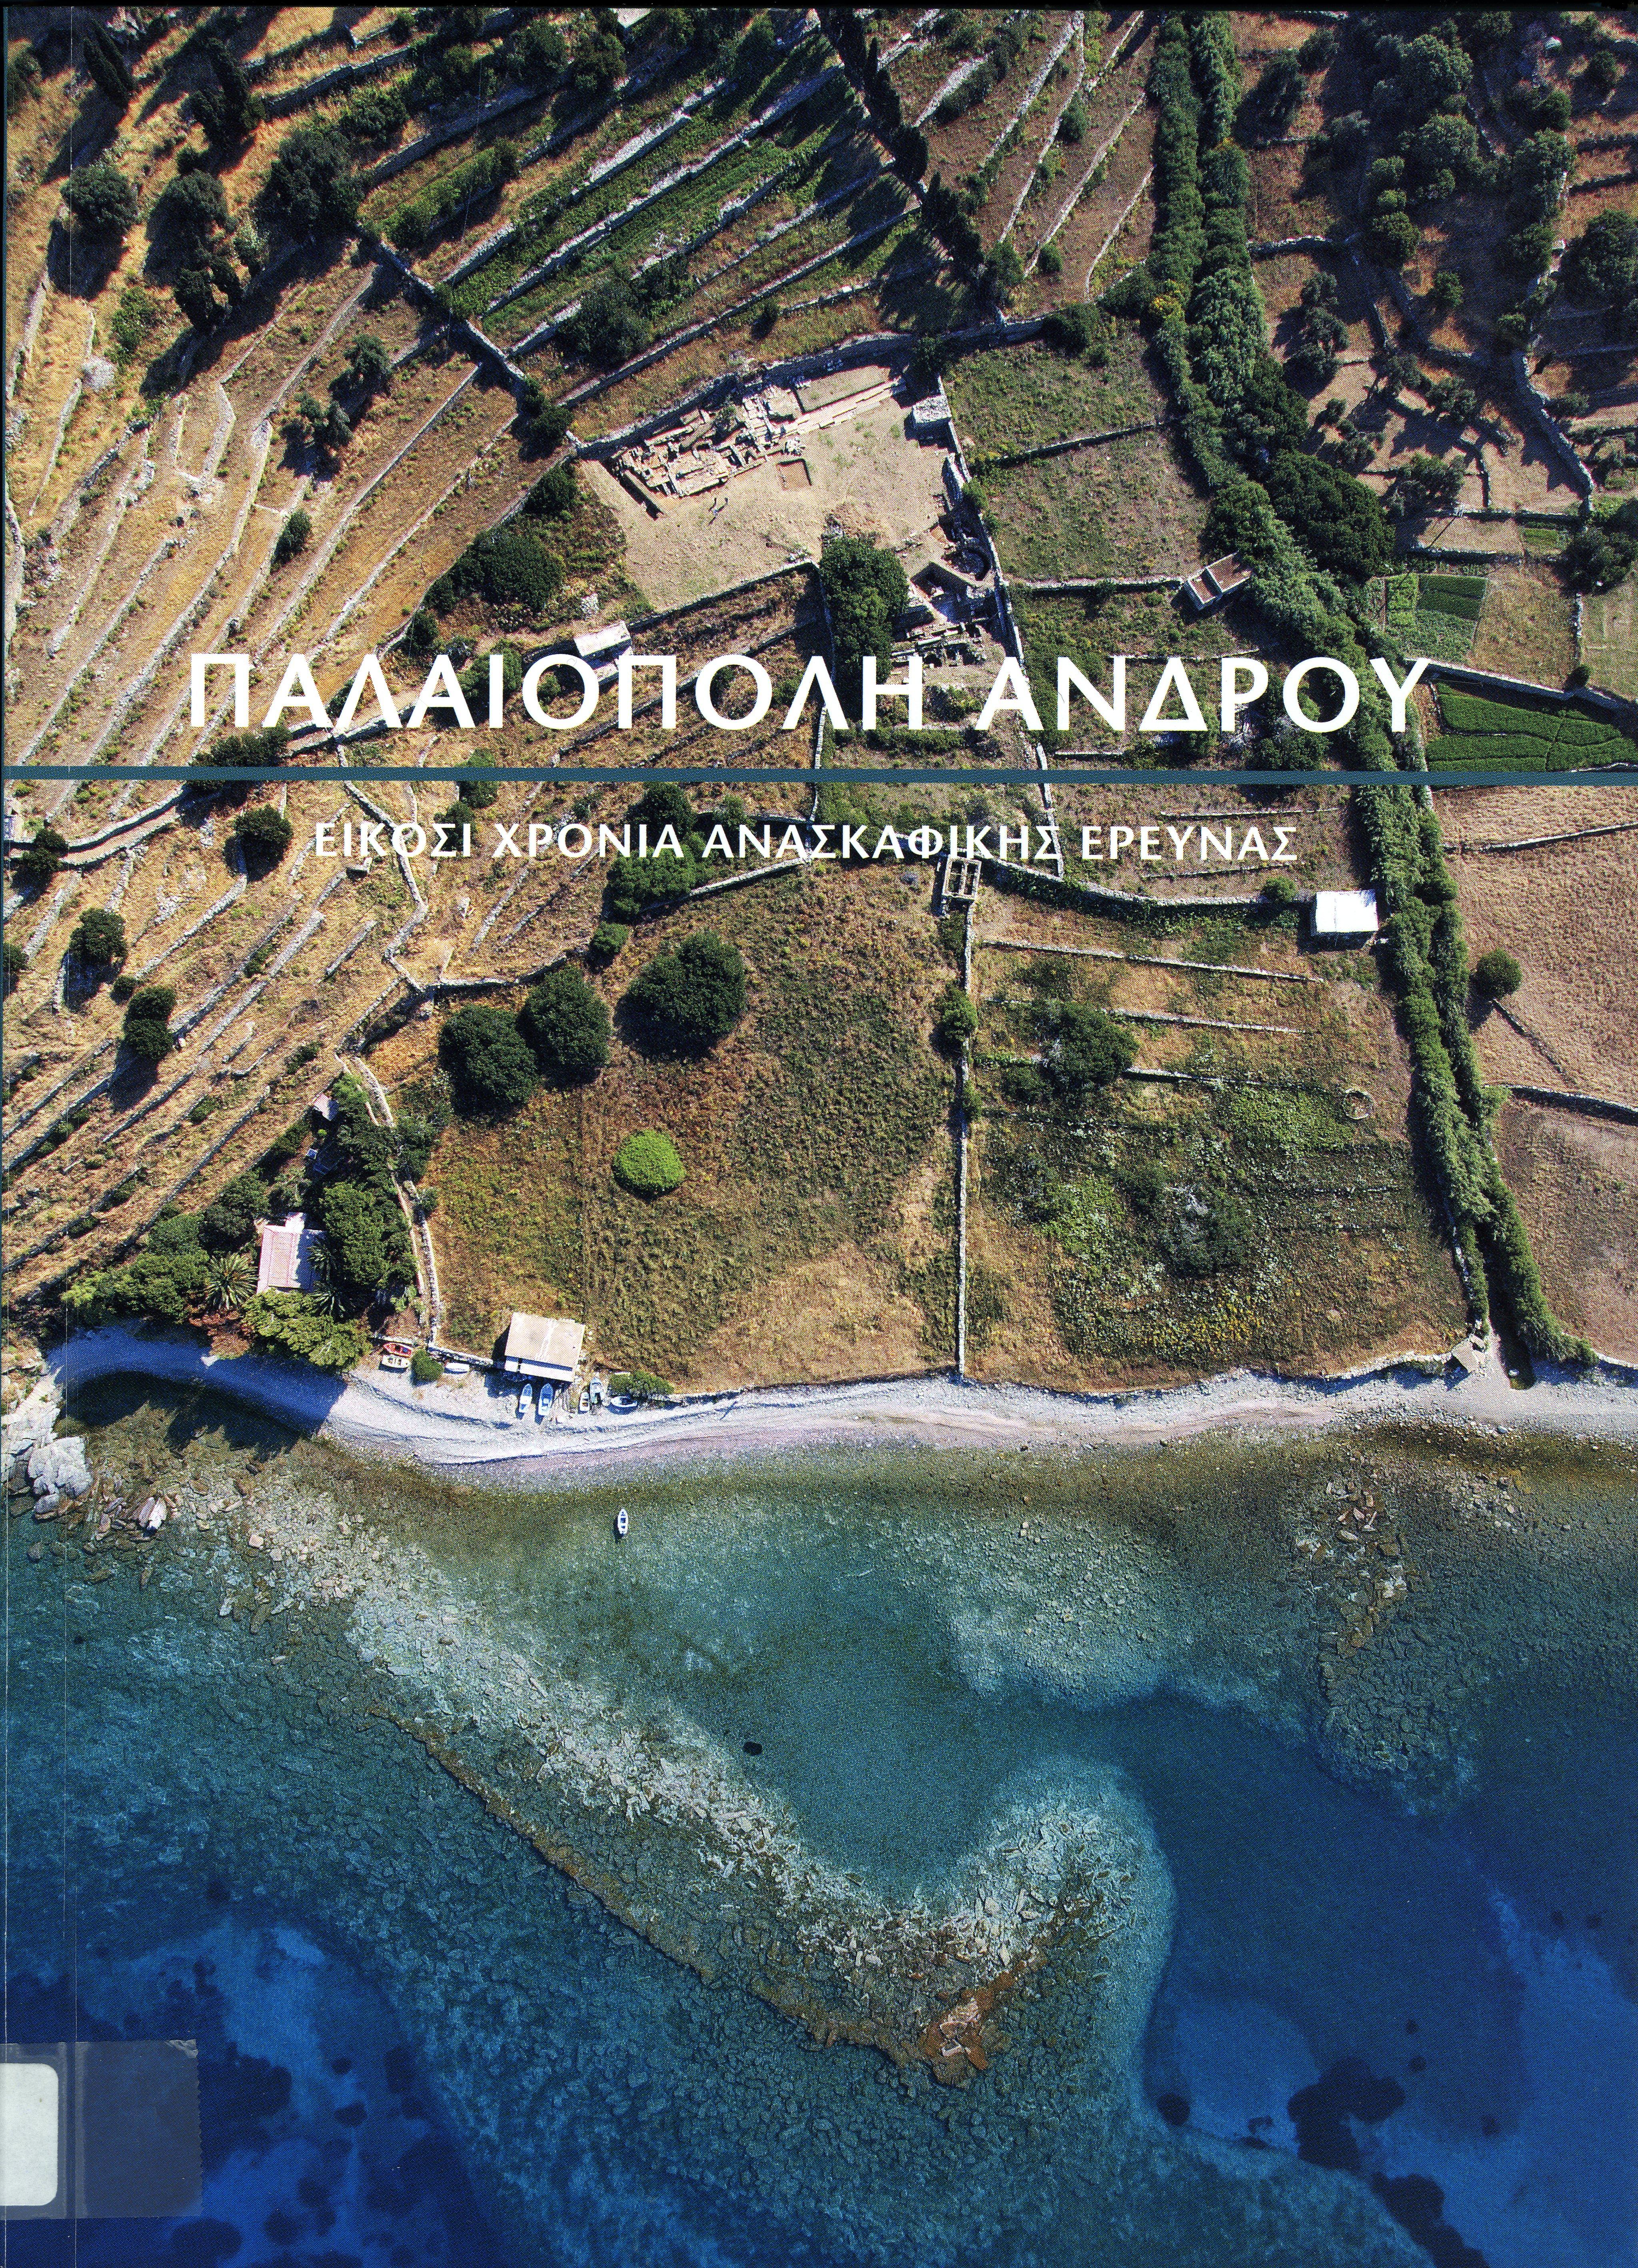 Το εξώφυλλο του καταλόγου της έκθεσης 2007